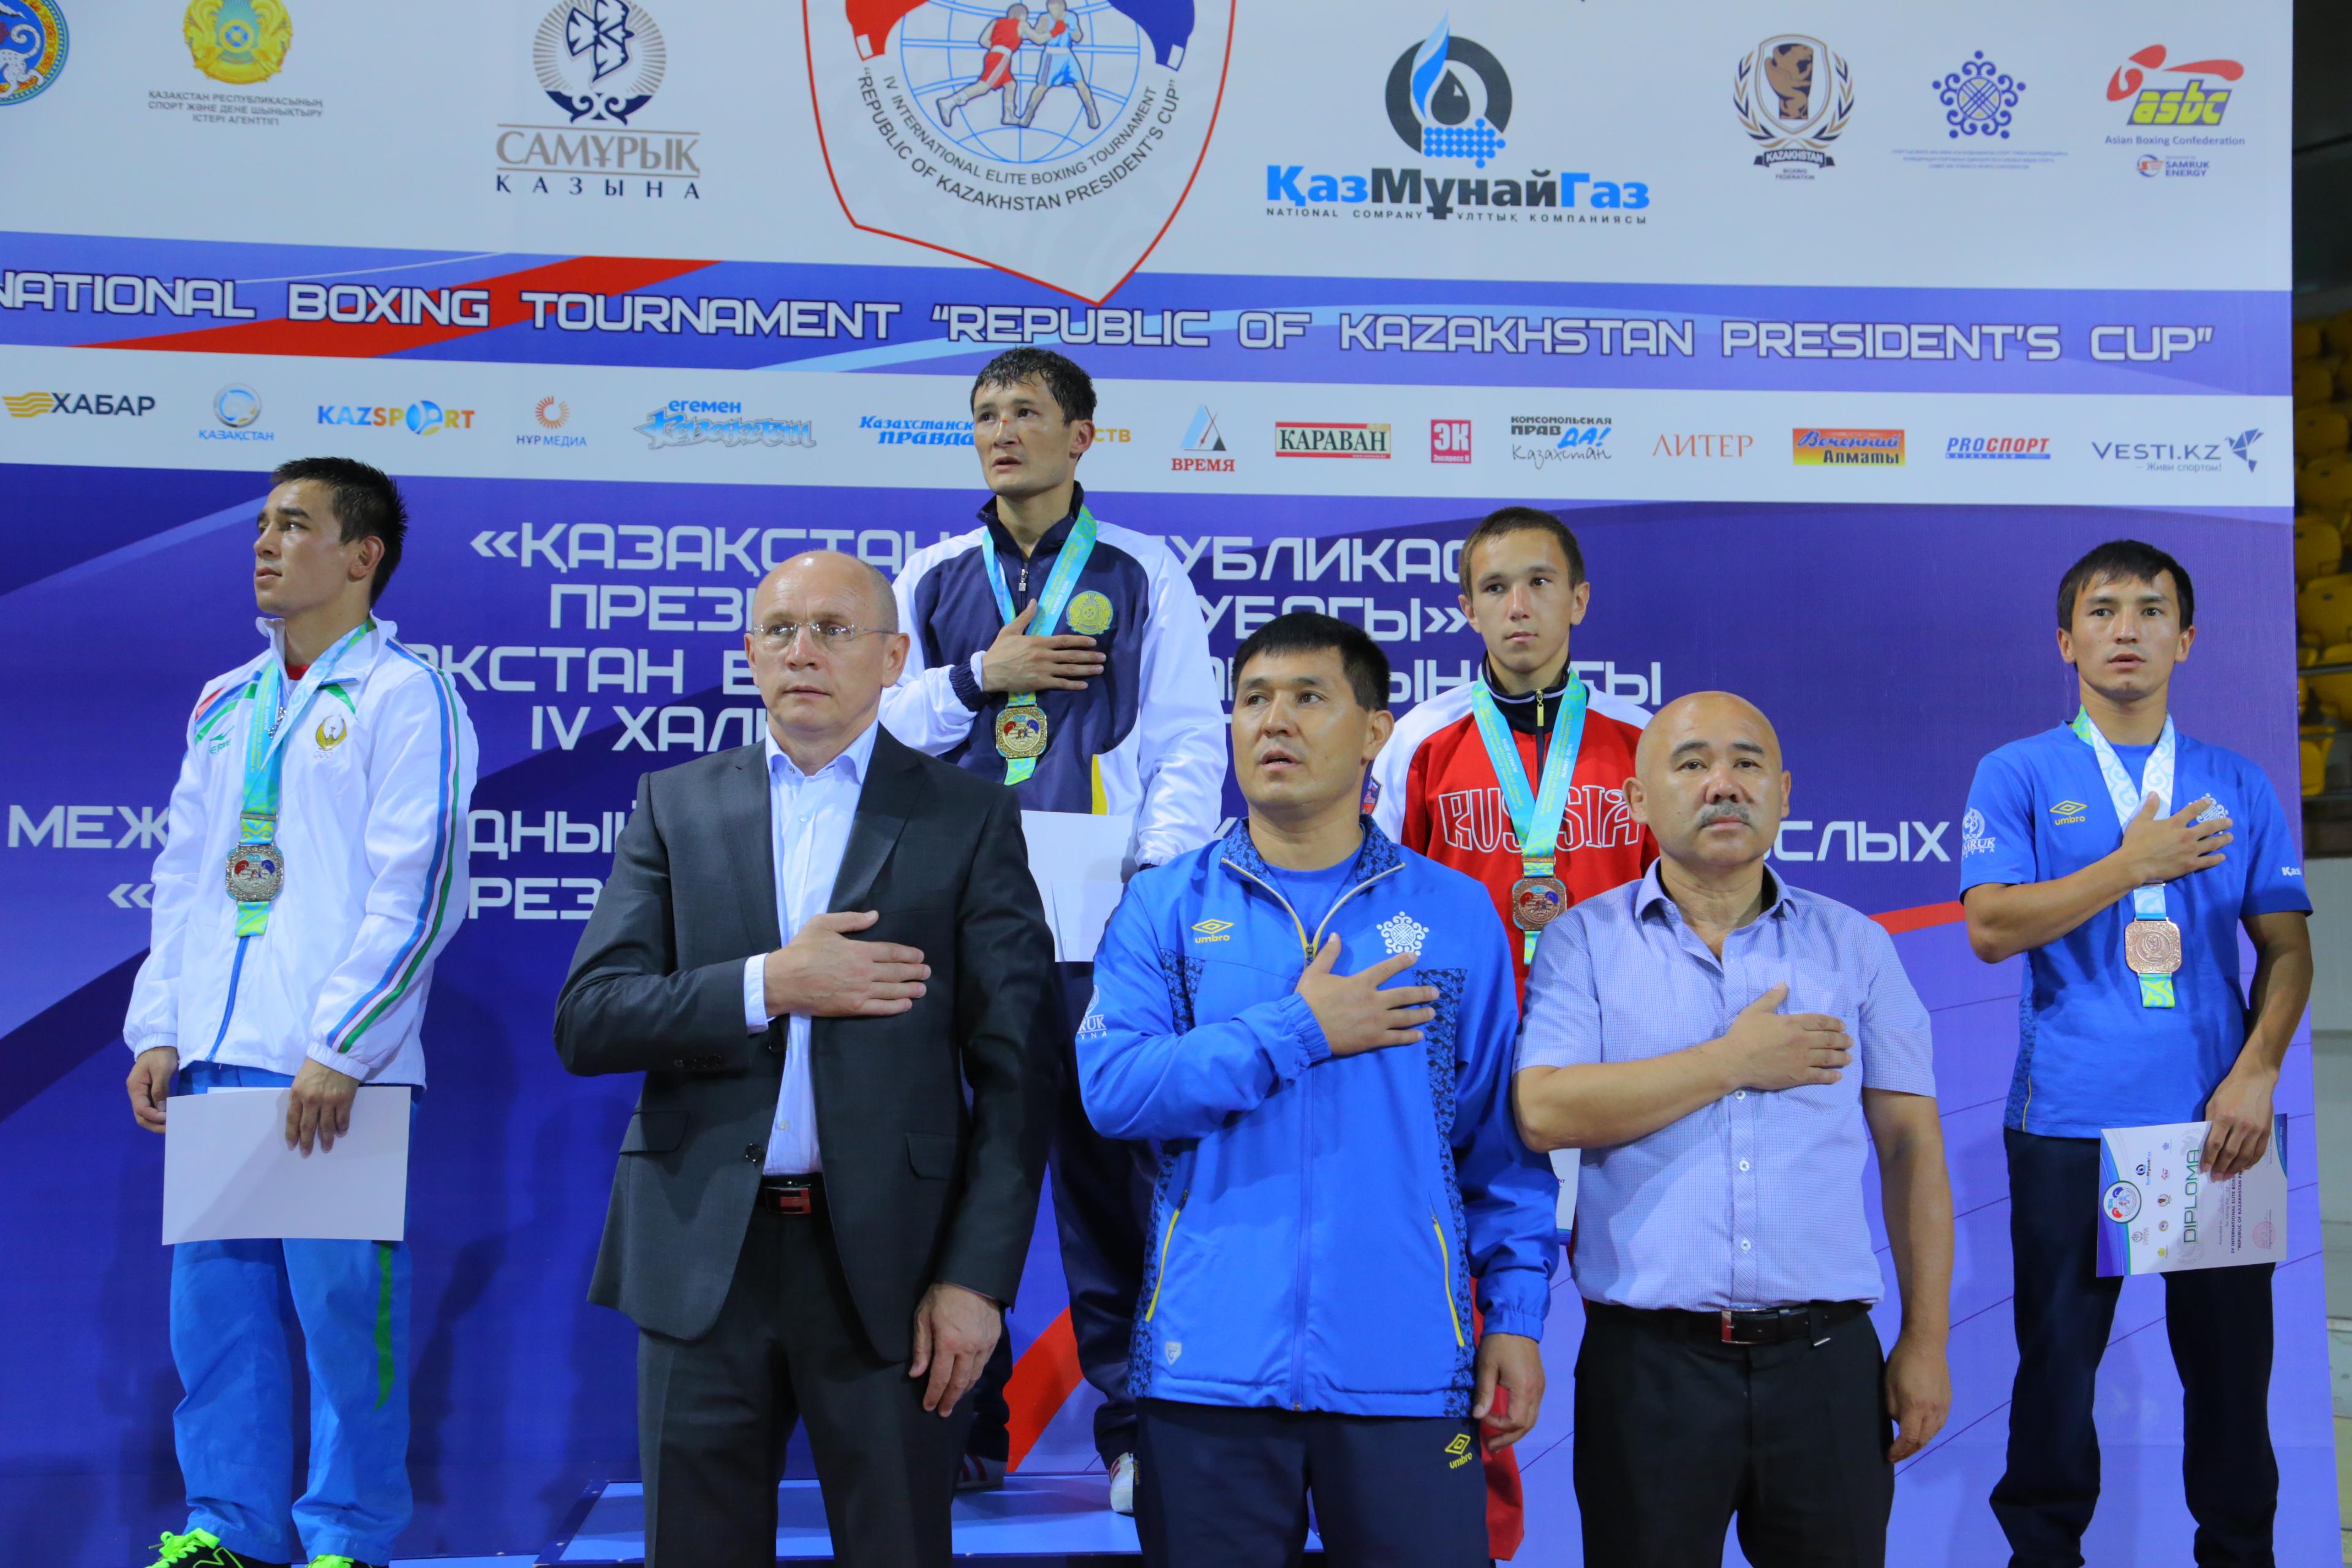 Казахстан выиграл Кубок Президента в четвертый раз подряд